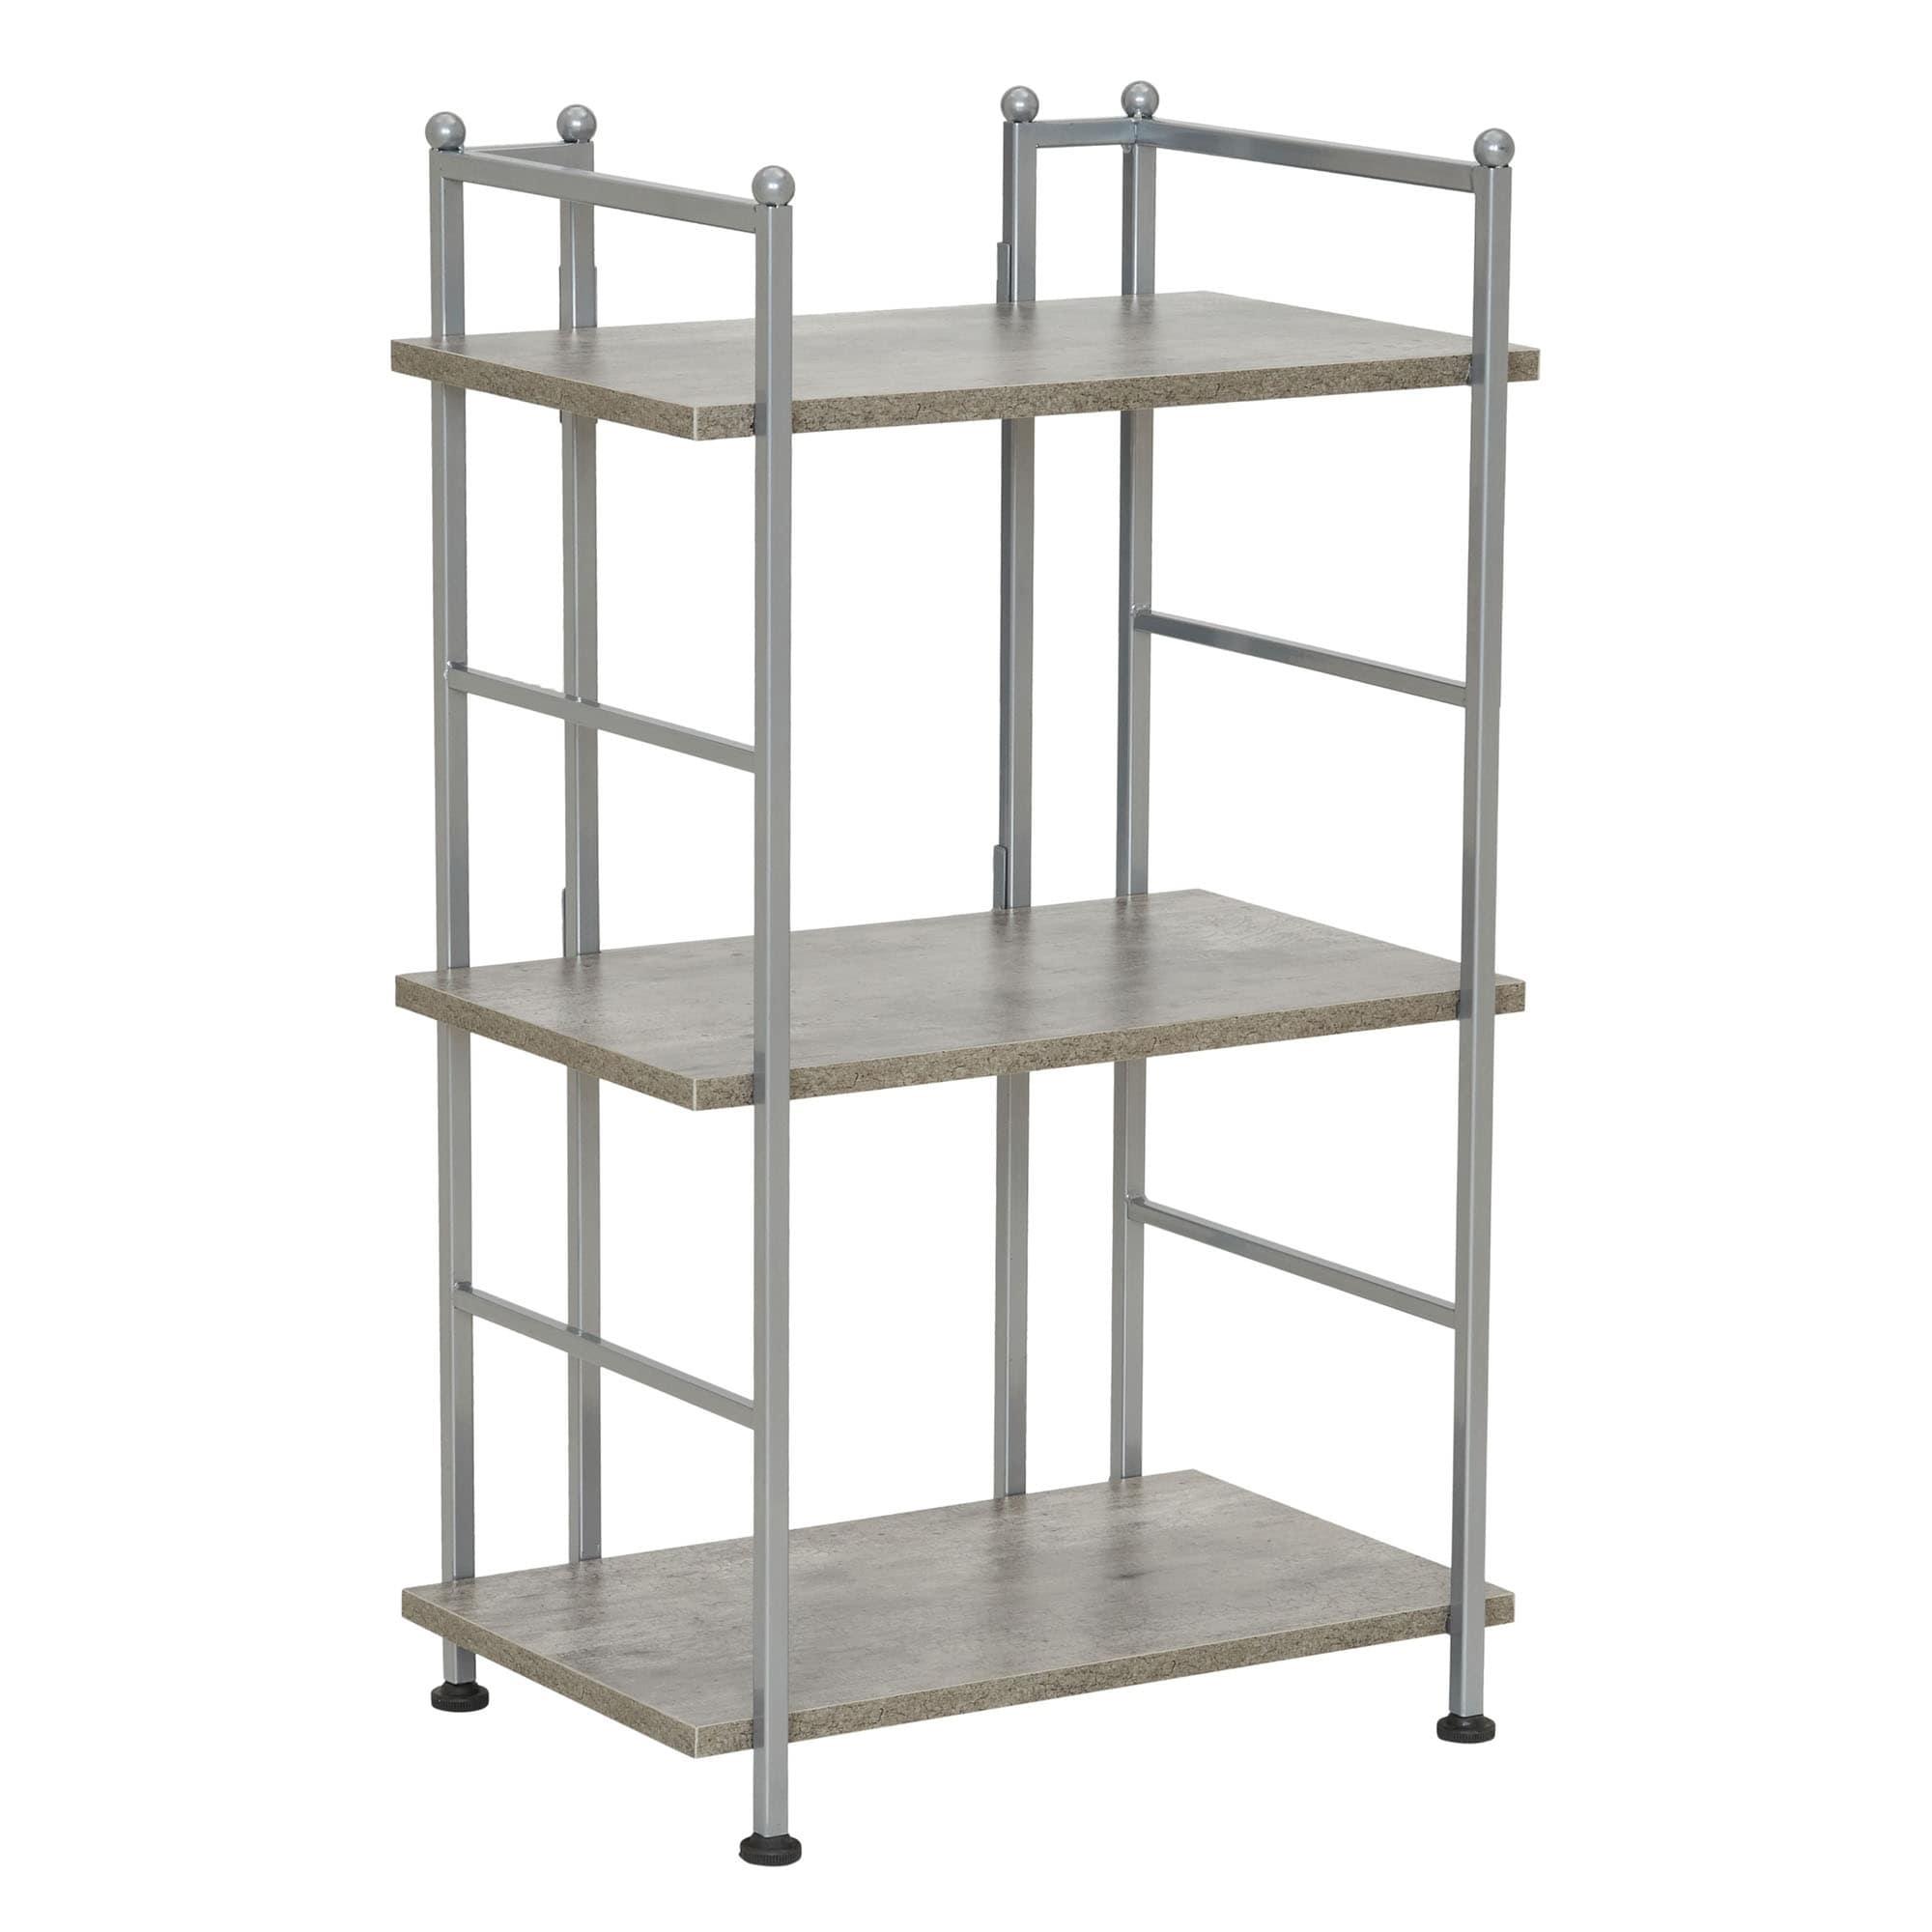 Household Essentials Narrow 3-Shelf Rack, Concrete